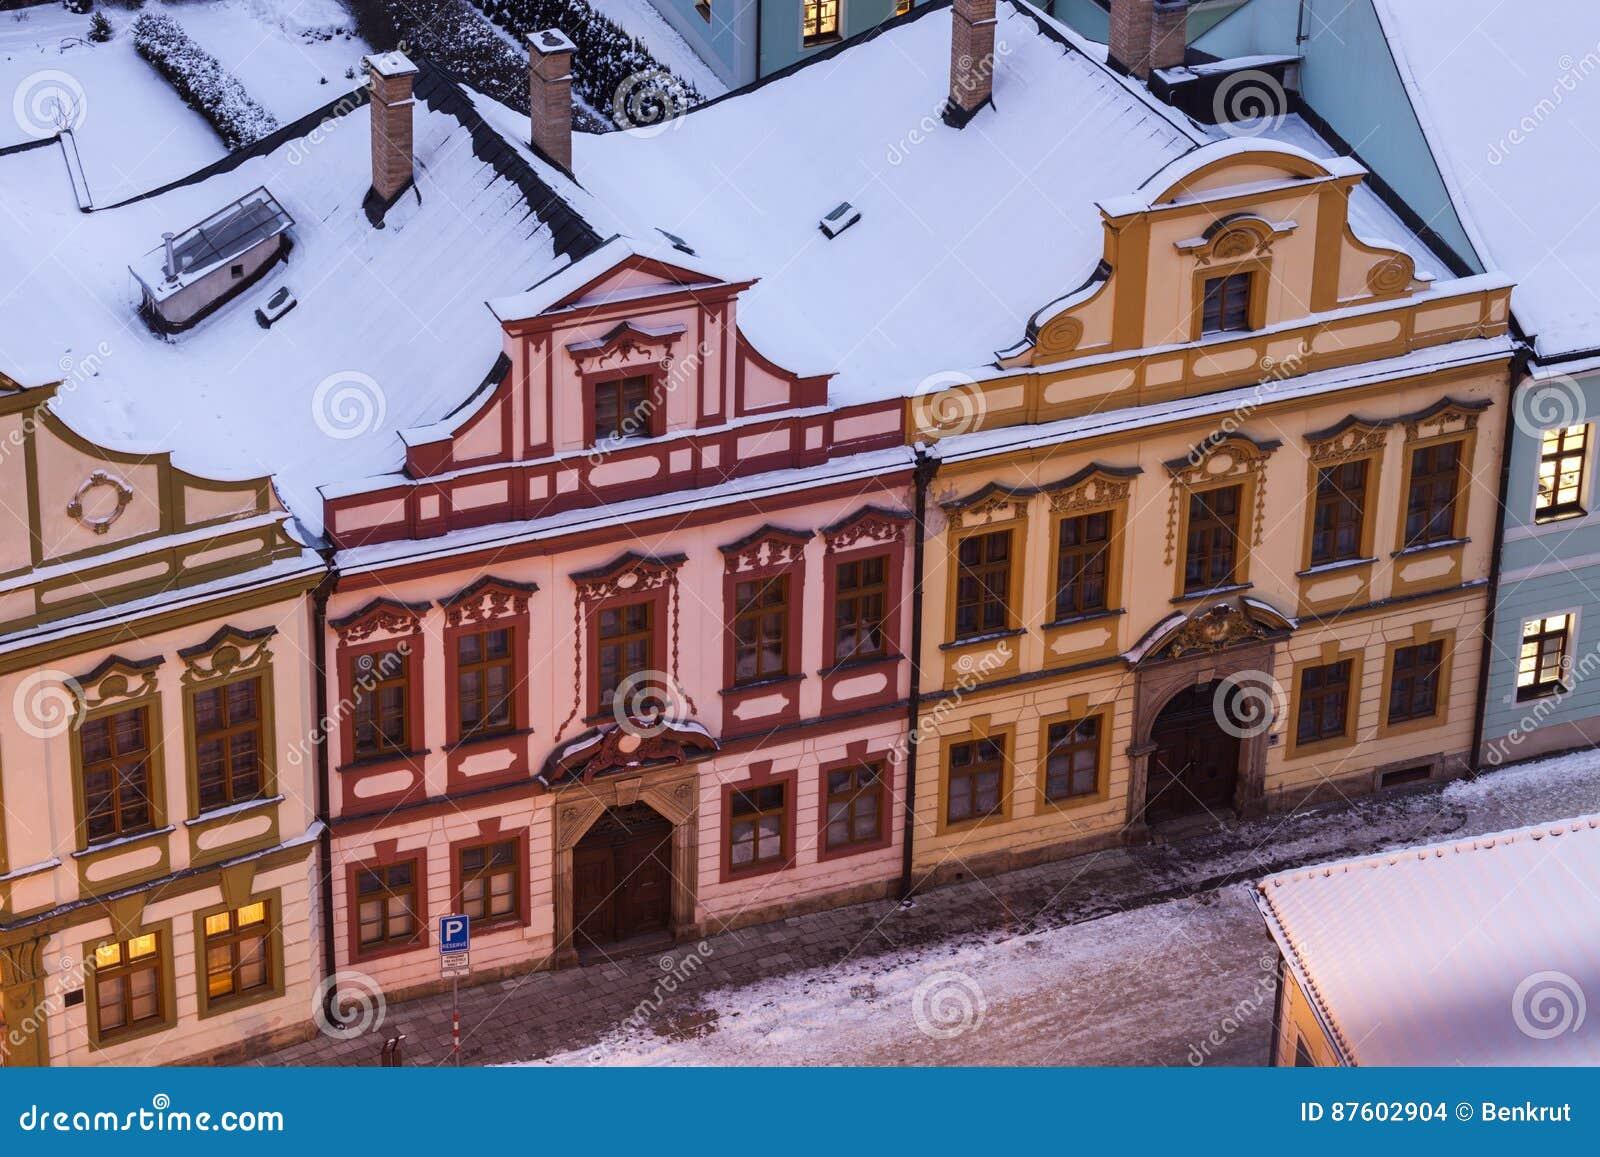 Kolorowa architektura główny plac w Hradec Kralove